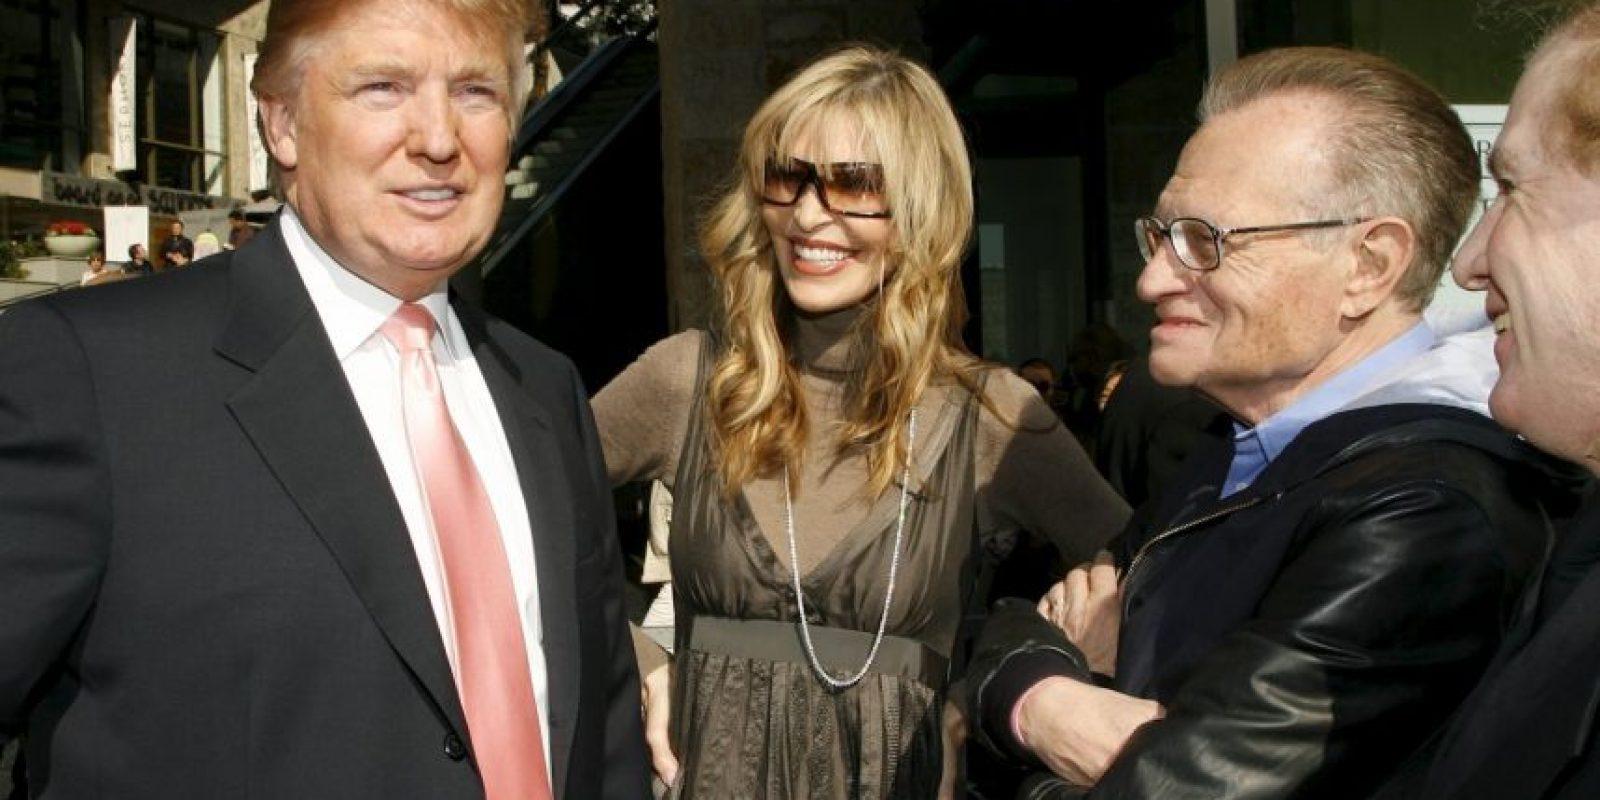 A la ceremonia también asistió Larry King, presentador estadounidense Foto:Getty Images